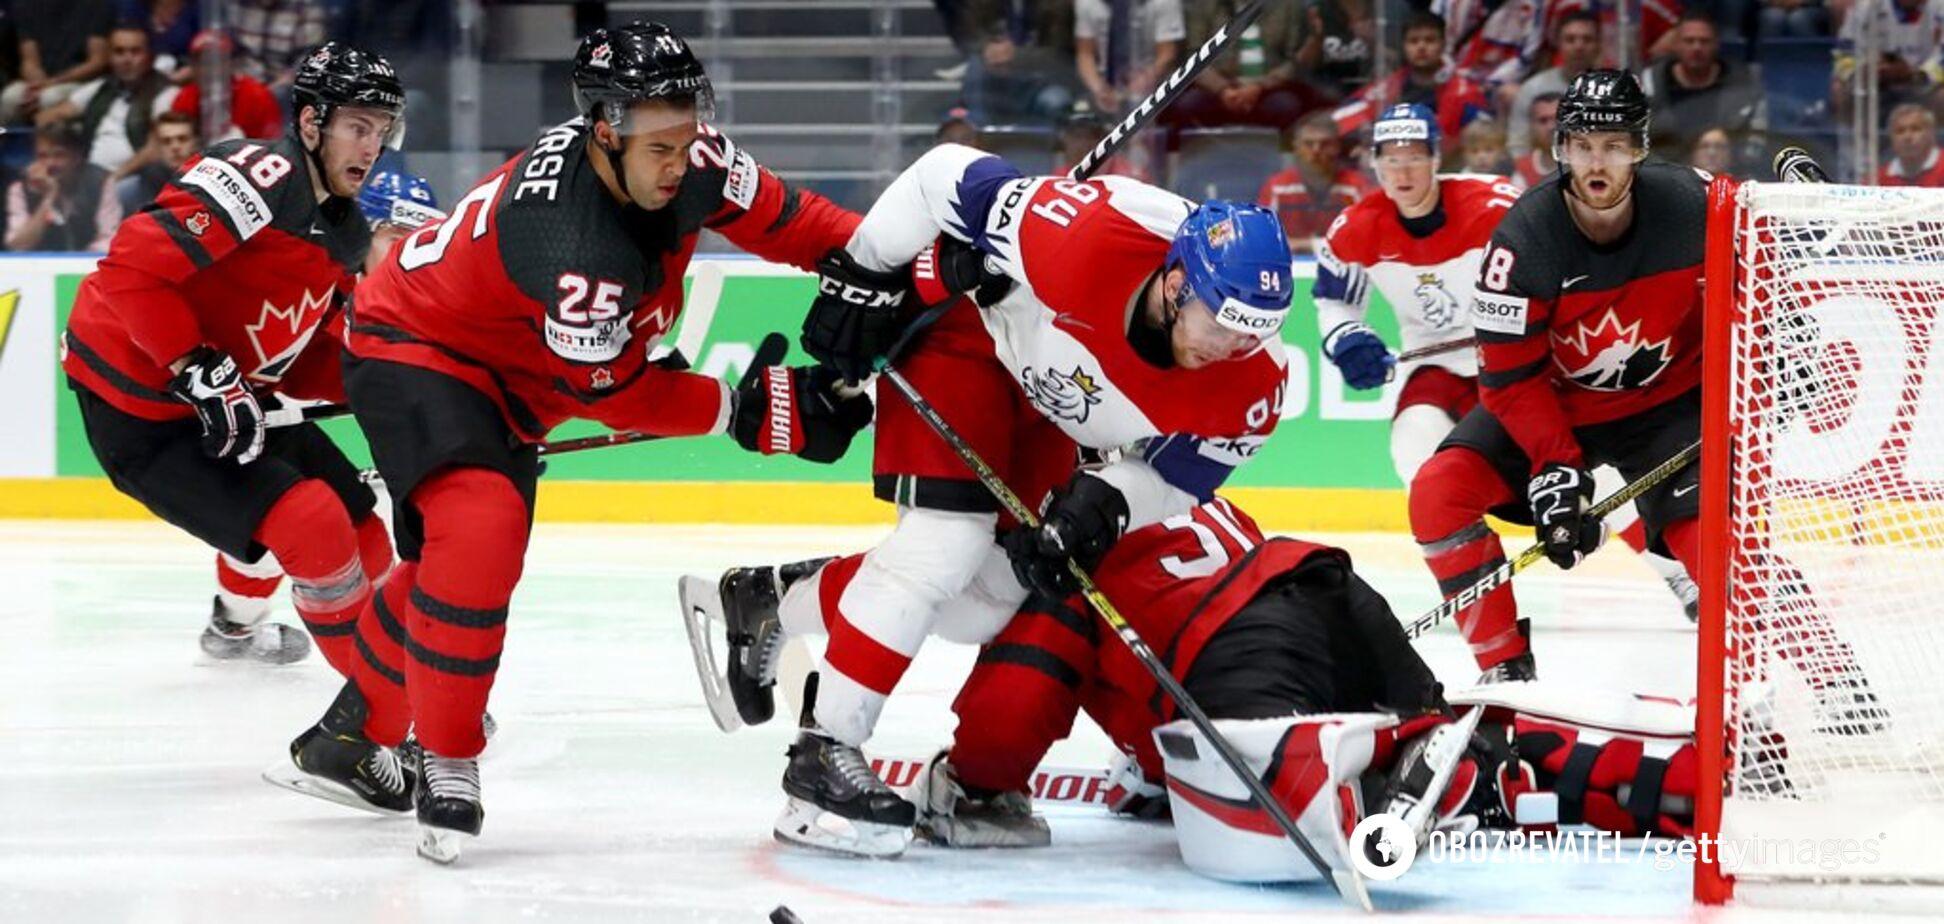 Де дивитися онлайн фінал чемпіонату світу з хокею Канада – Фінляндія: розклад трансляцій